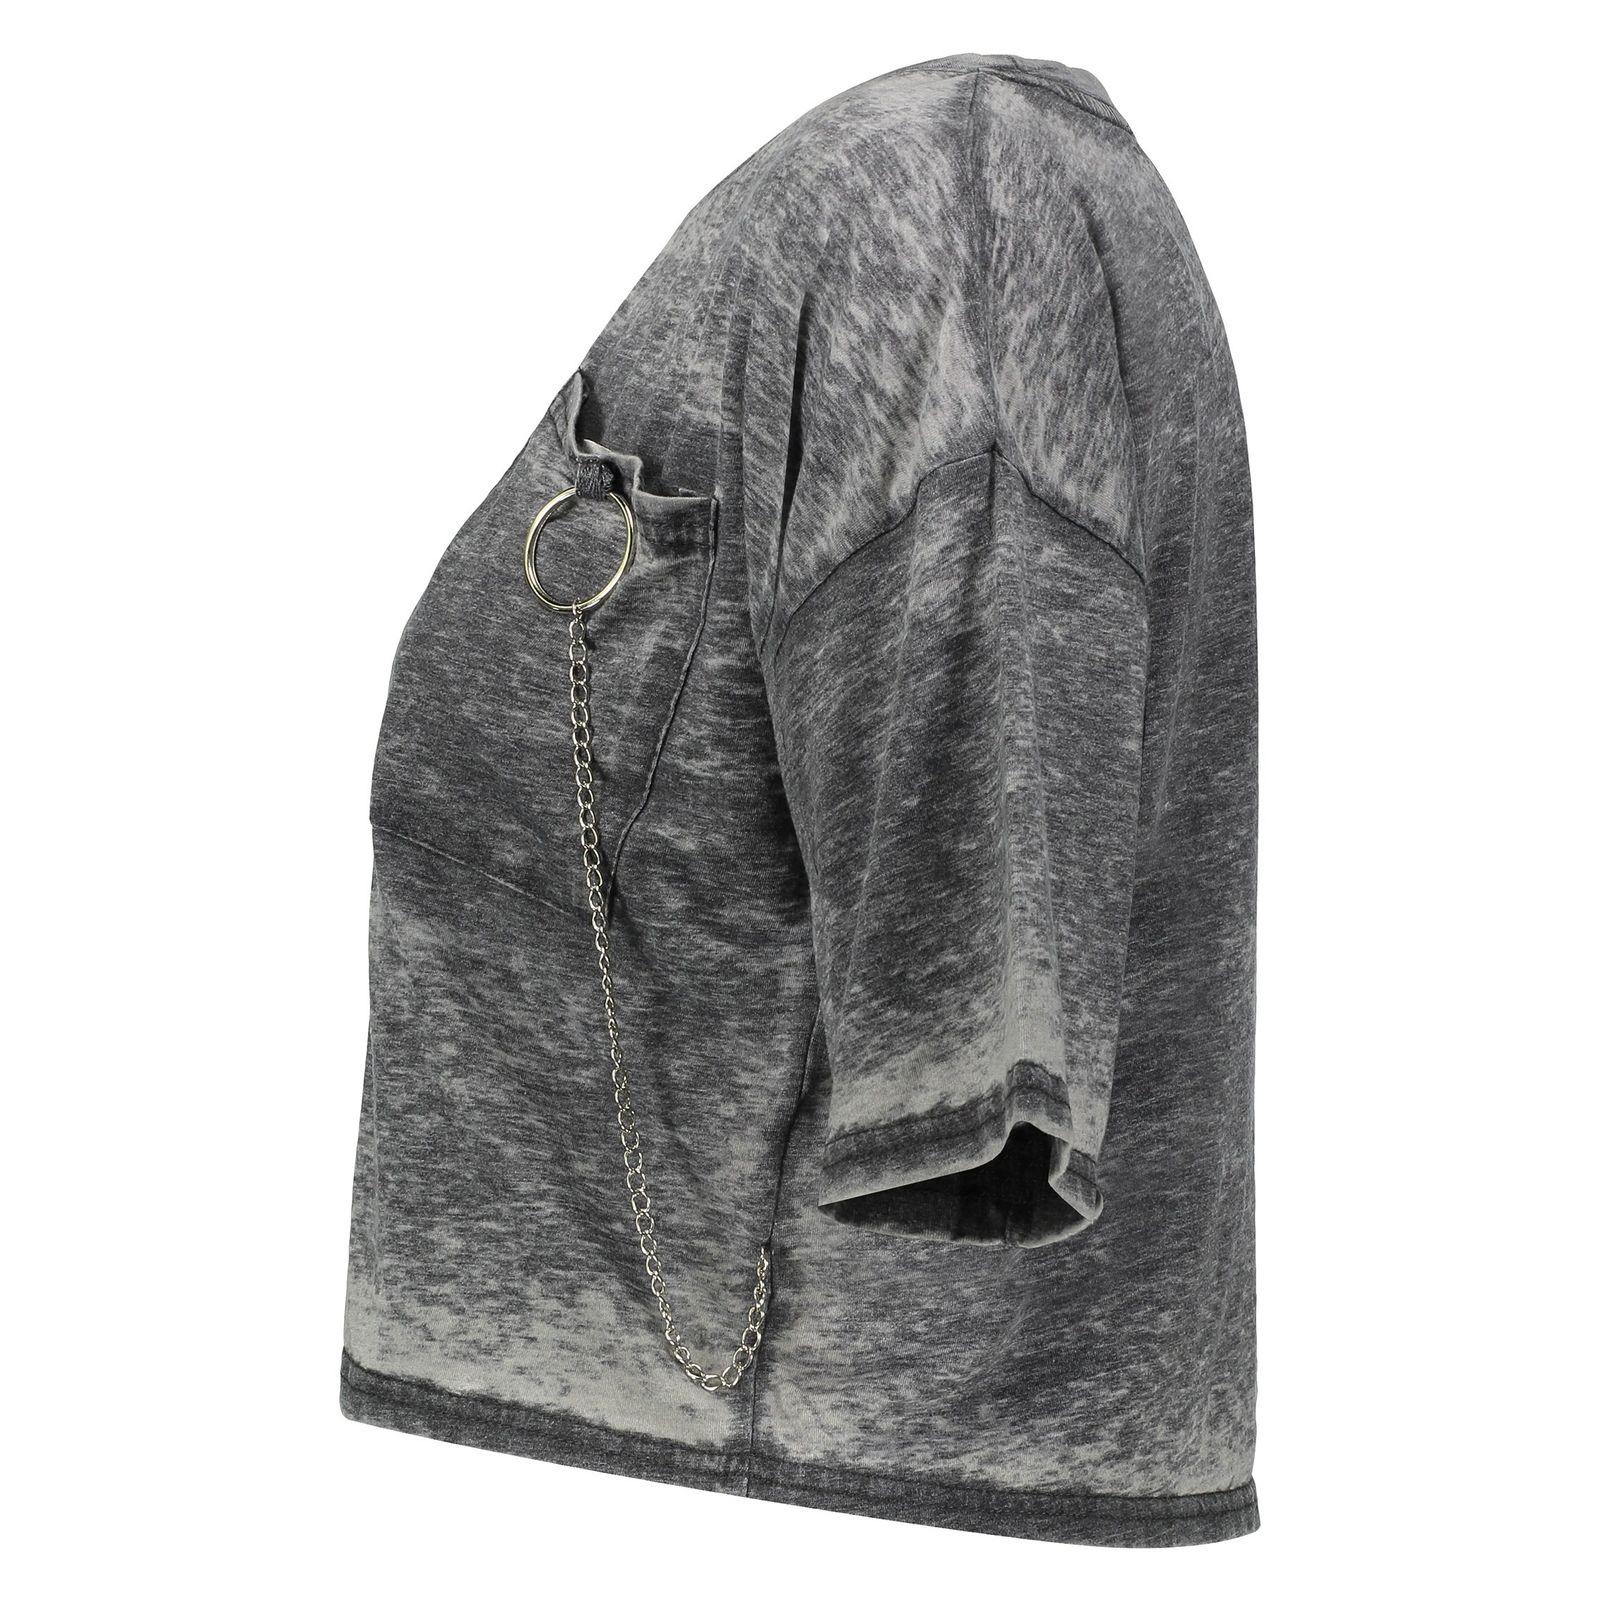 تی شرت یقه گرد زنانه - میسگایدد - طوسي - 3